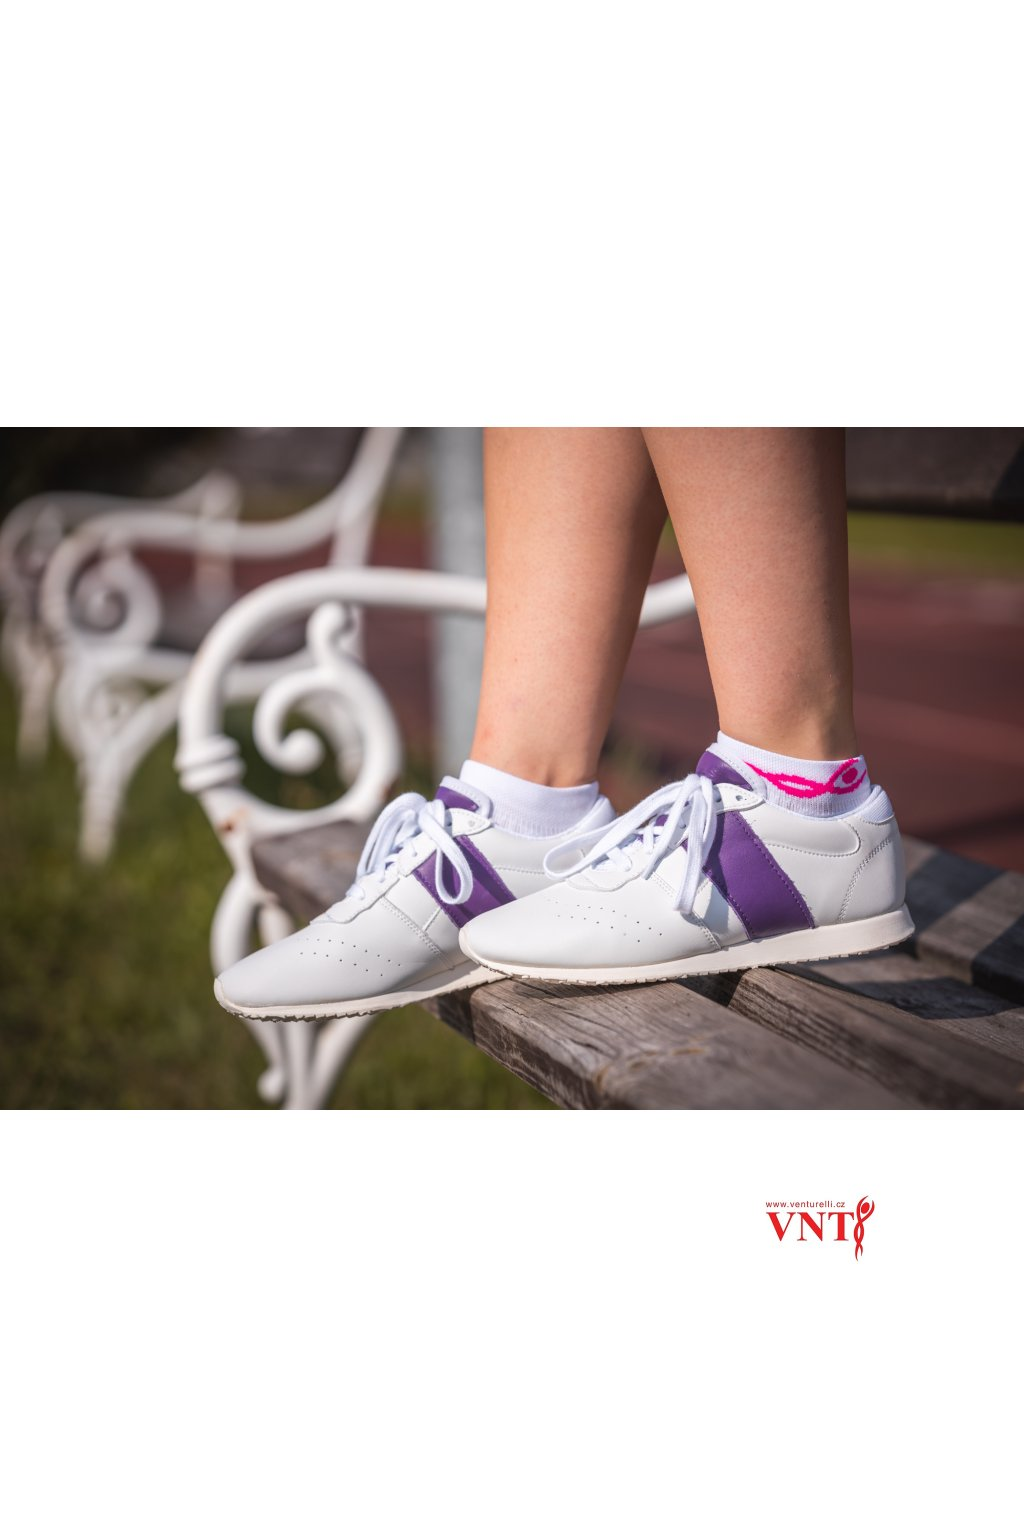 venturelli 84